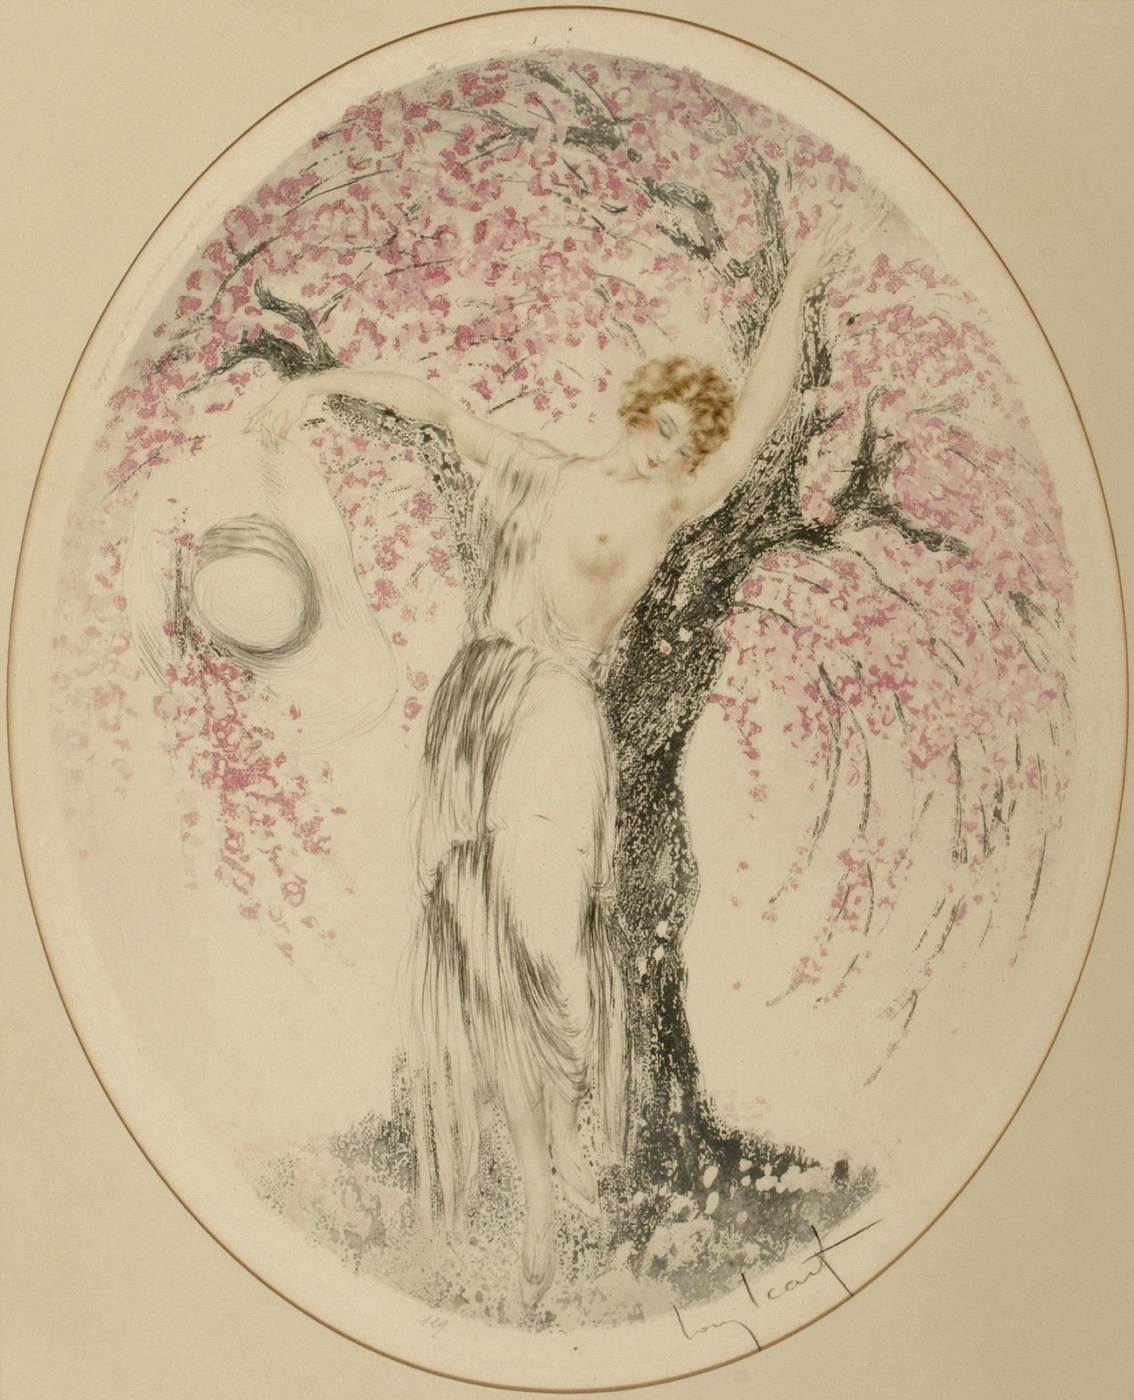 Icarus Louis France 1888 - 1950. Springtime. 1924